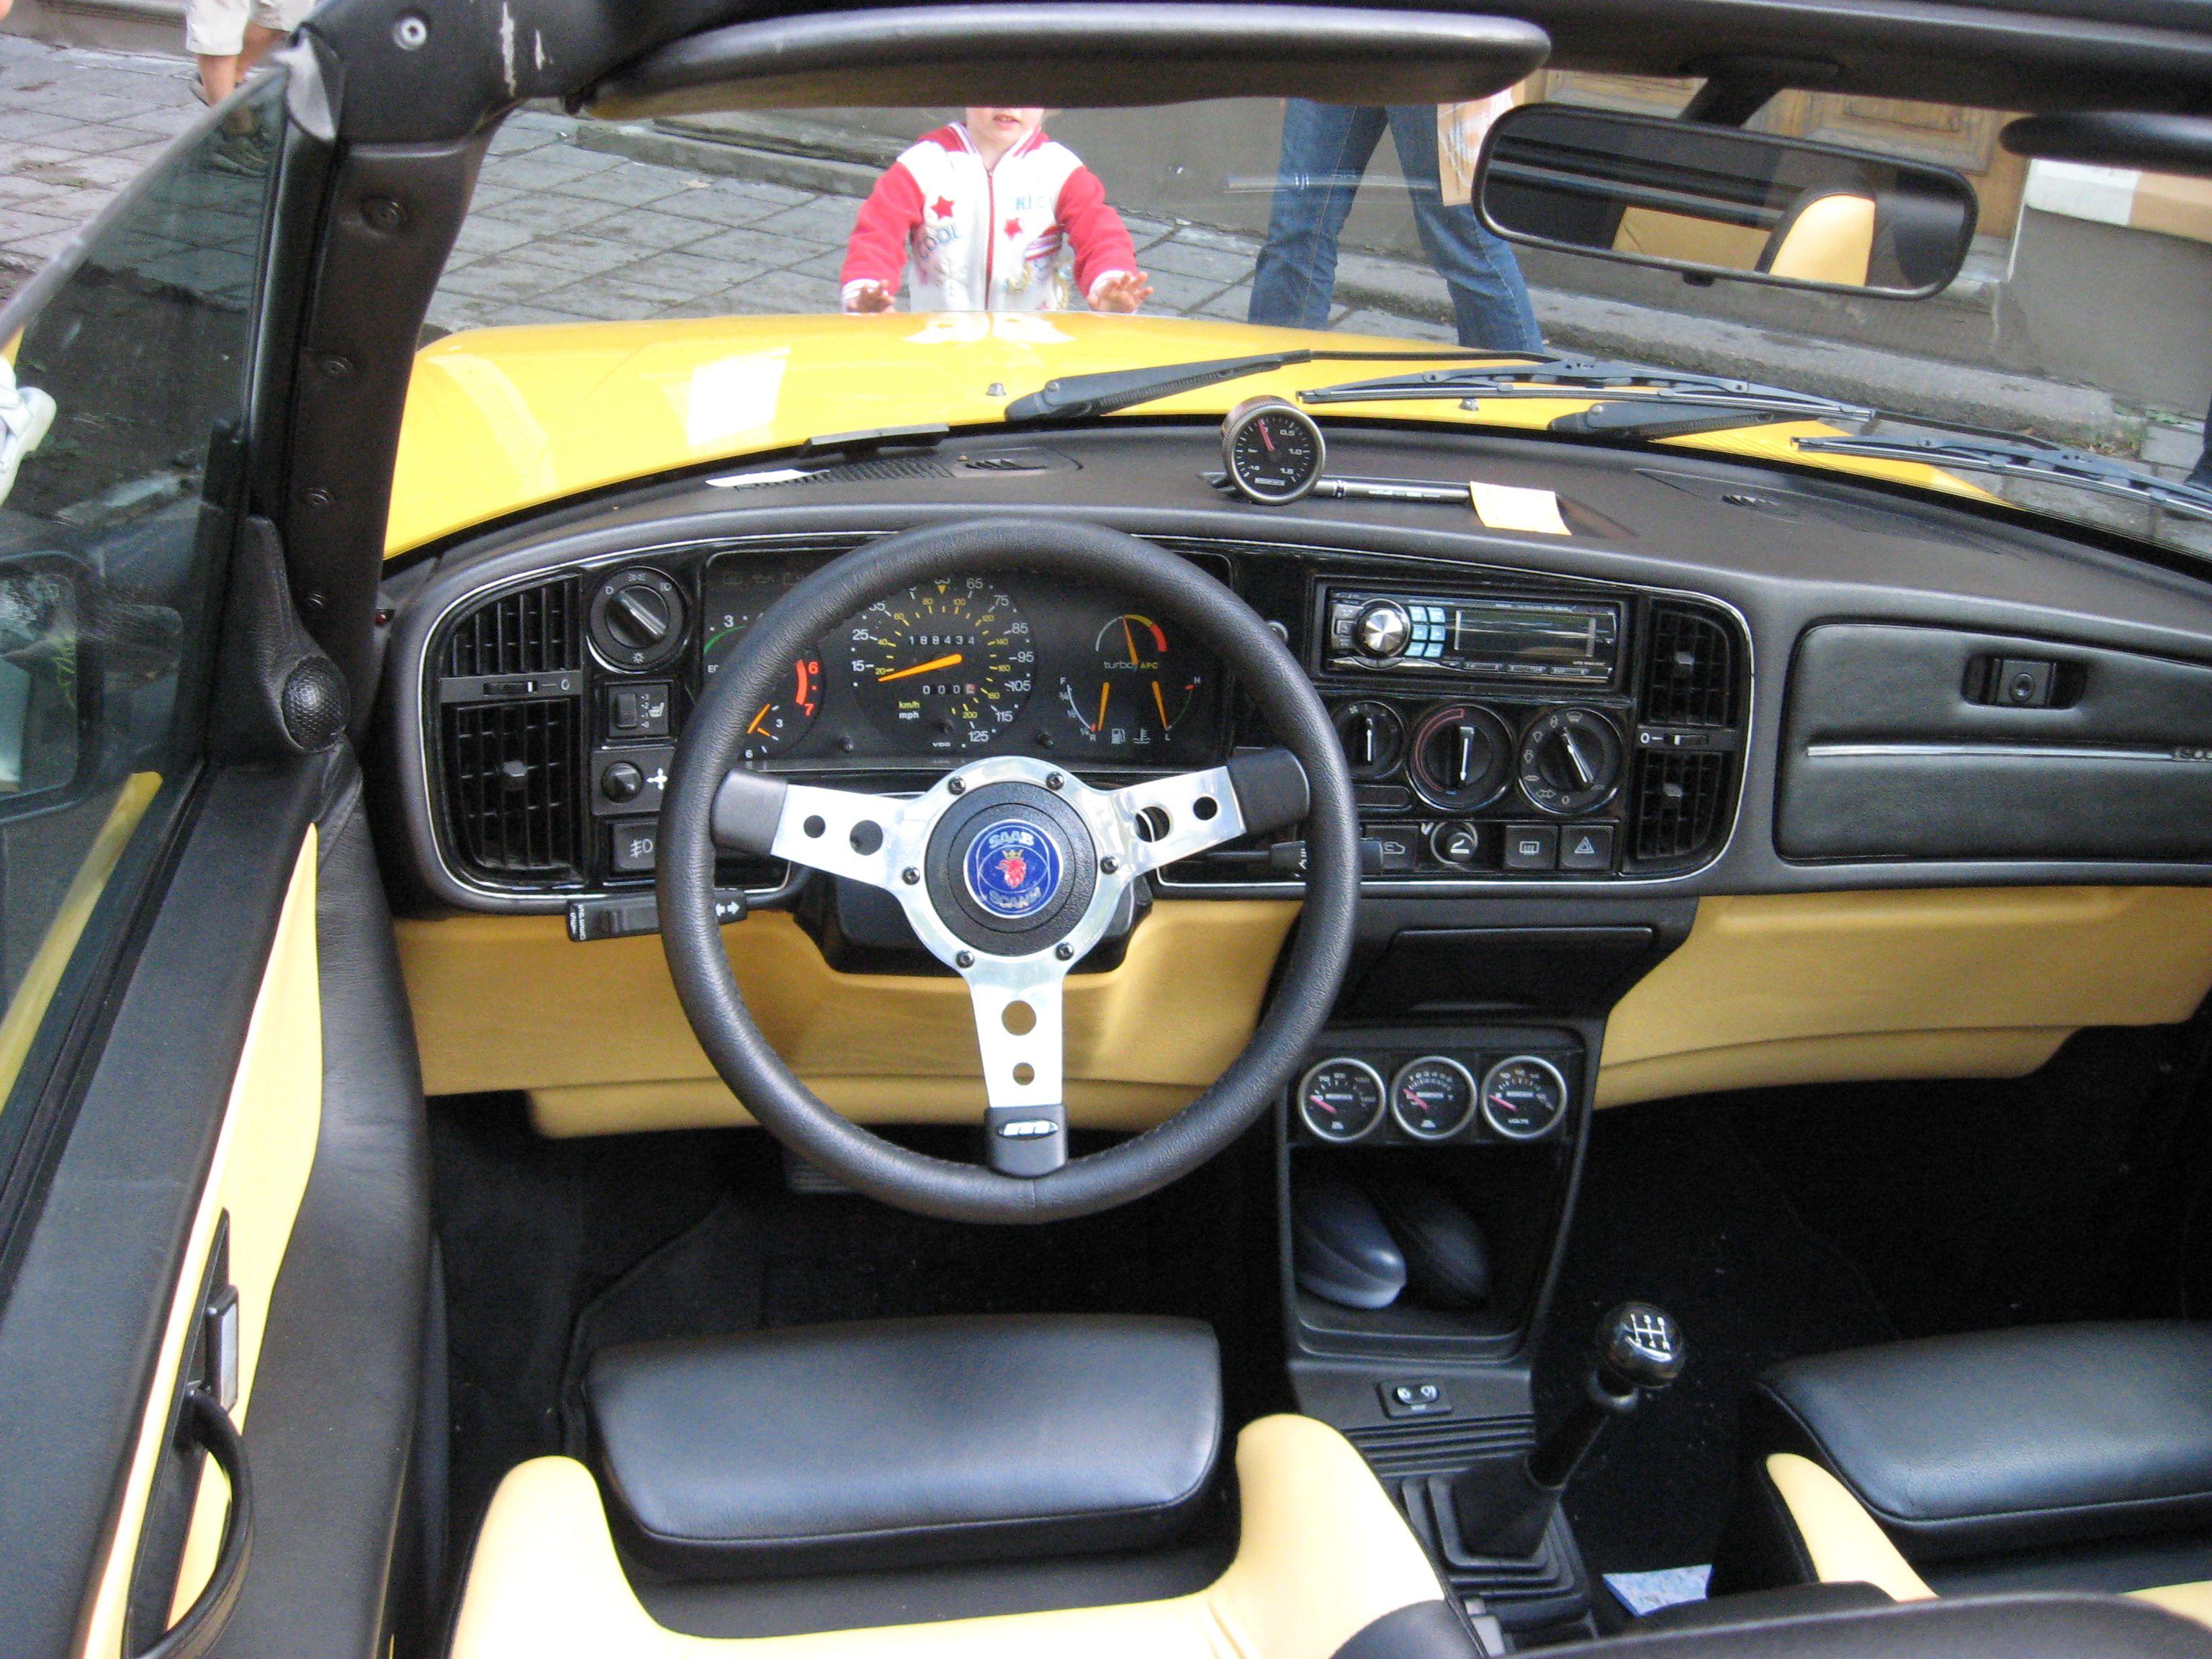 saab 900 custom interior - Google Search | Saab 900 & 99 | Pinterest ...